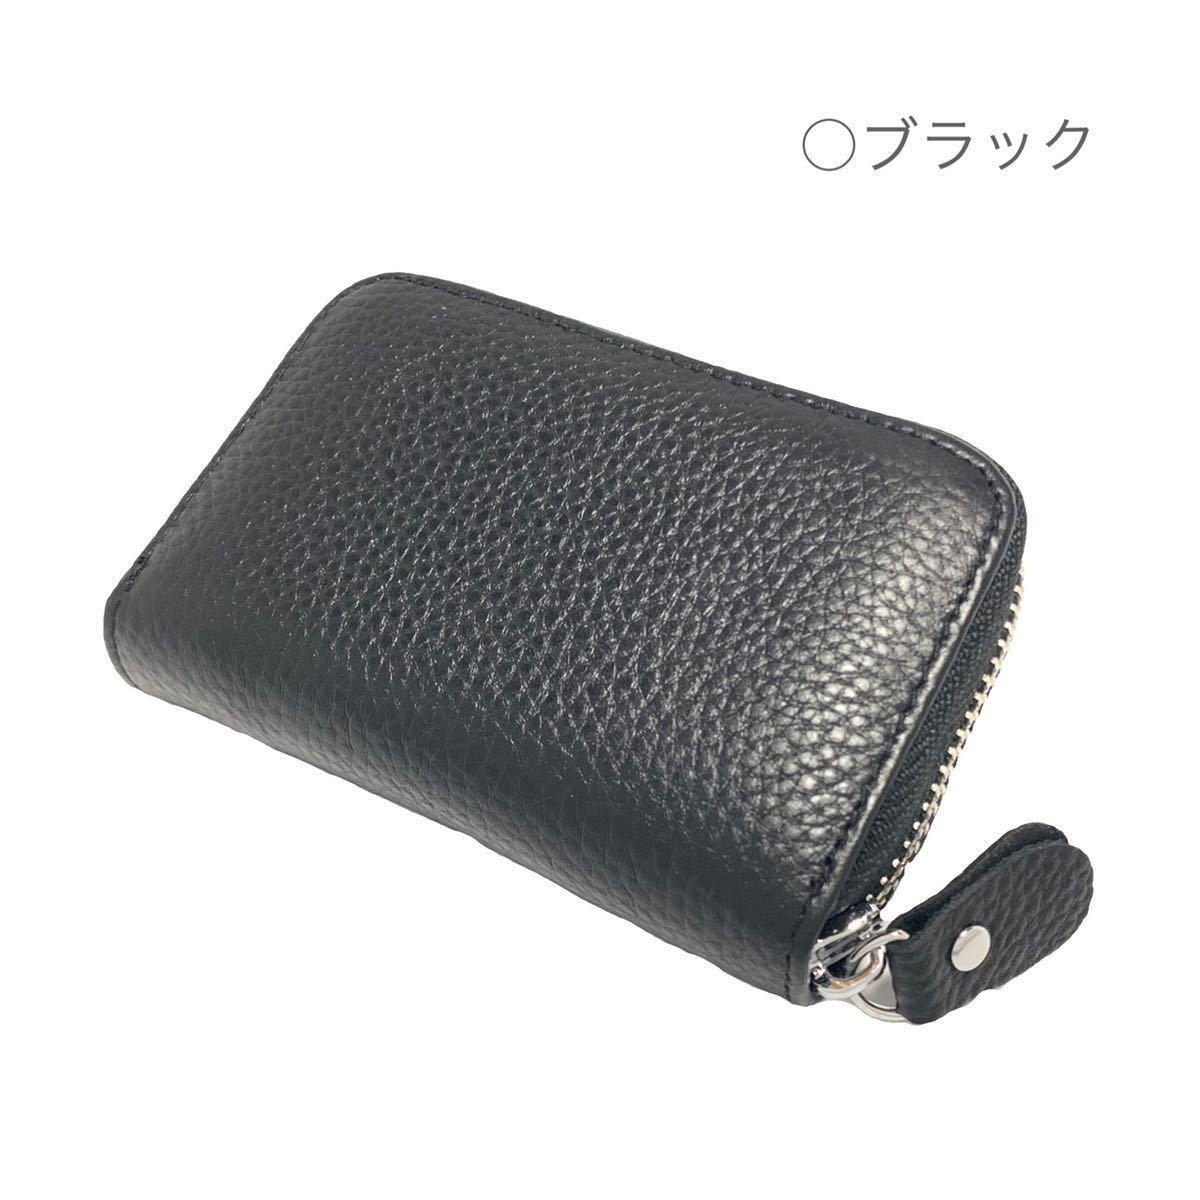 カードケース コンパクト ラウンドファスナー 手のひらサイズ 大容量 コインケース ミニ財布 ブラック 上質